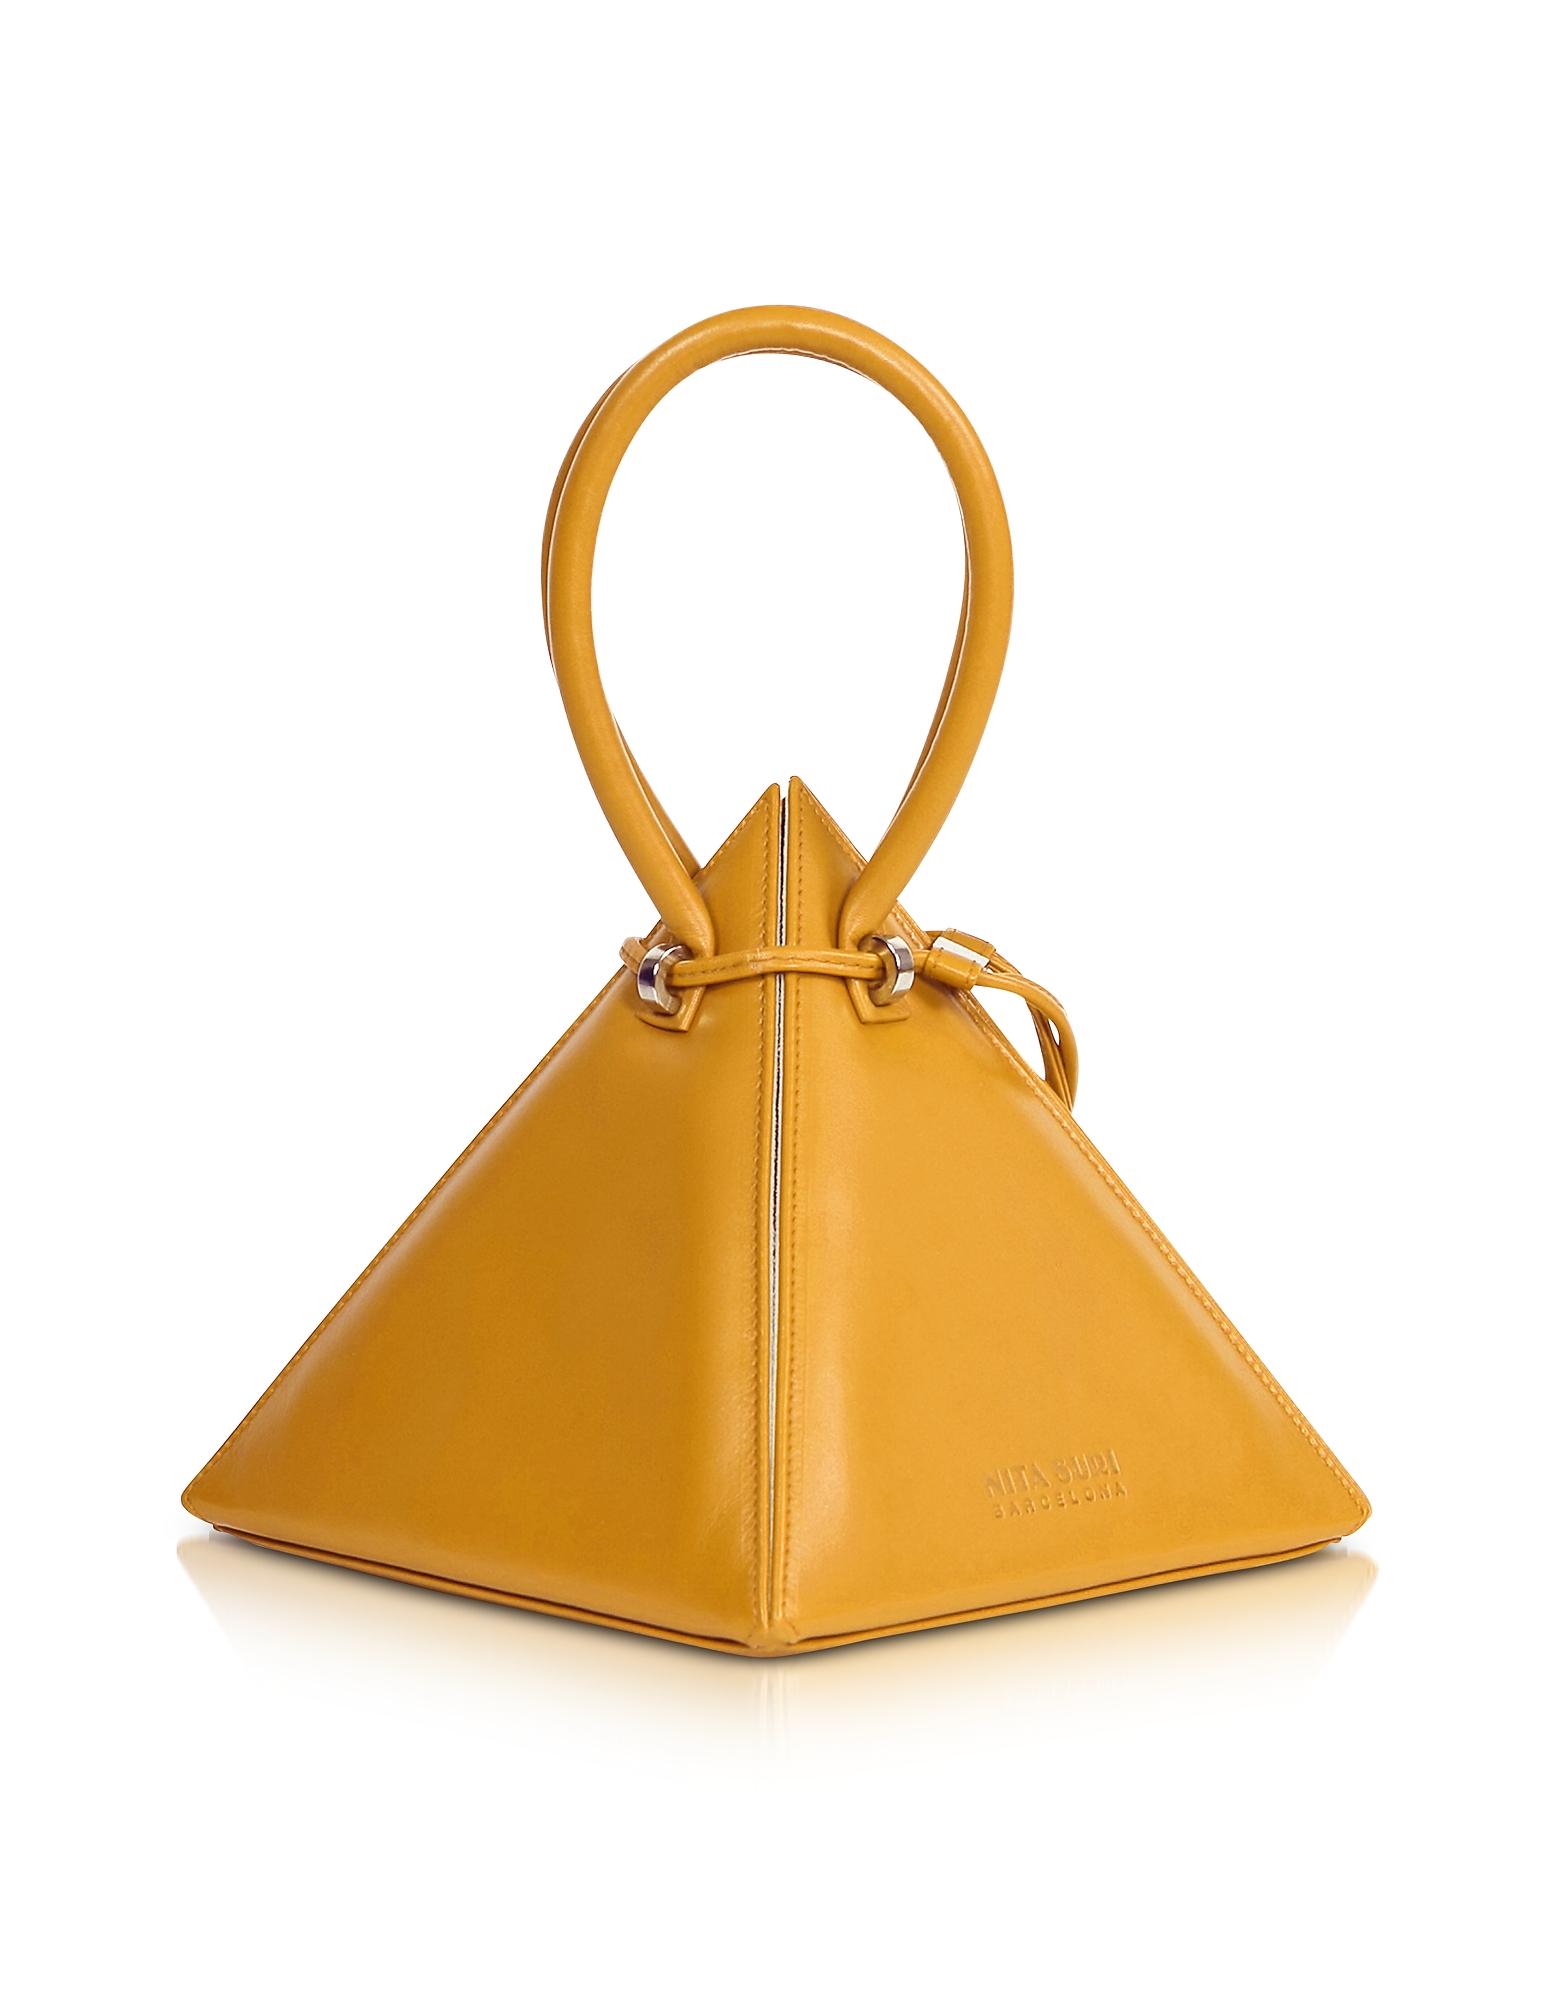 NITA SURI Lia Iconic Handbag